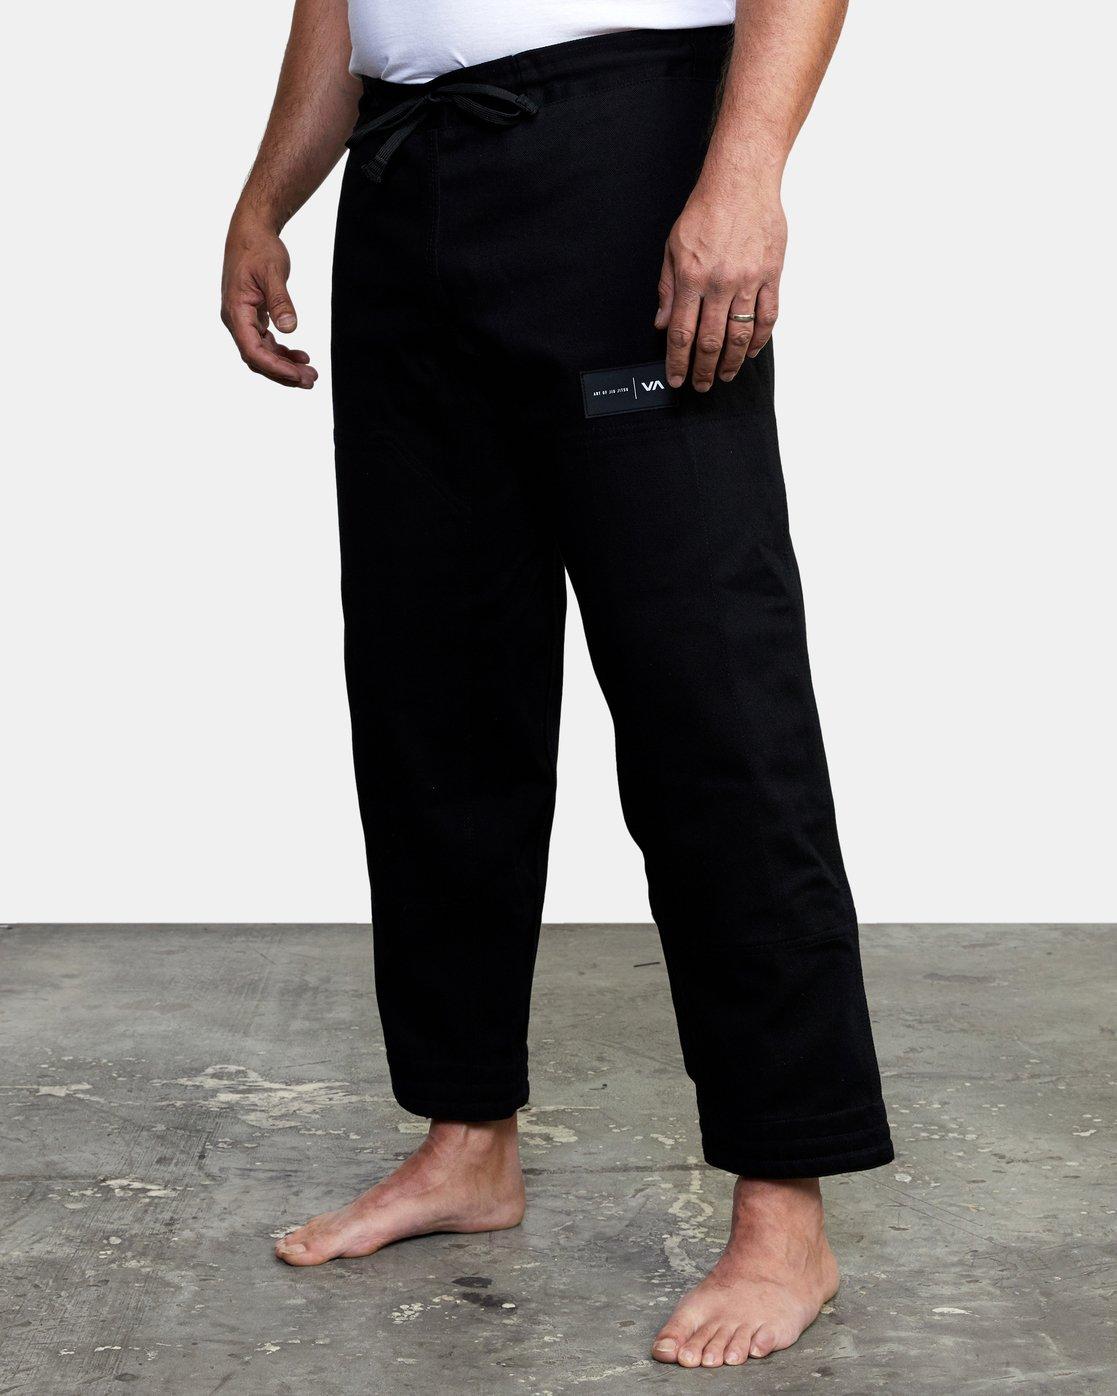 11 Art of Jiu Jitsu Gi  VZMCWRGI RVCA